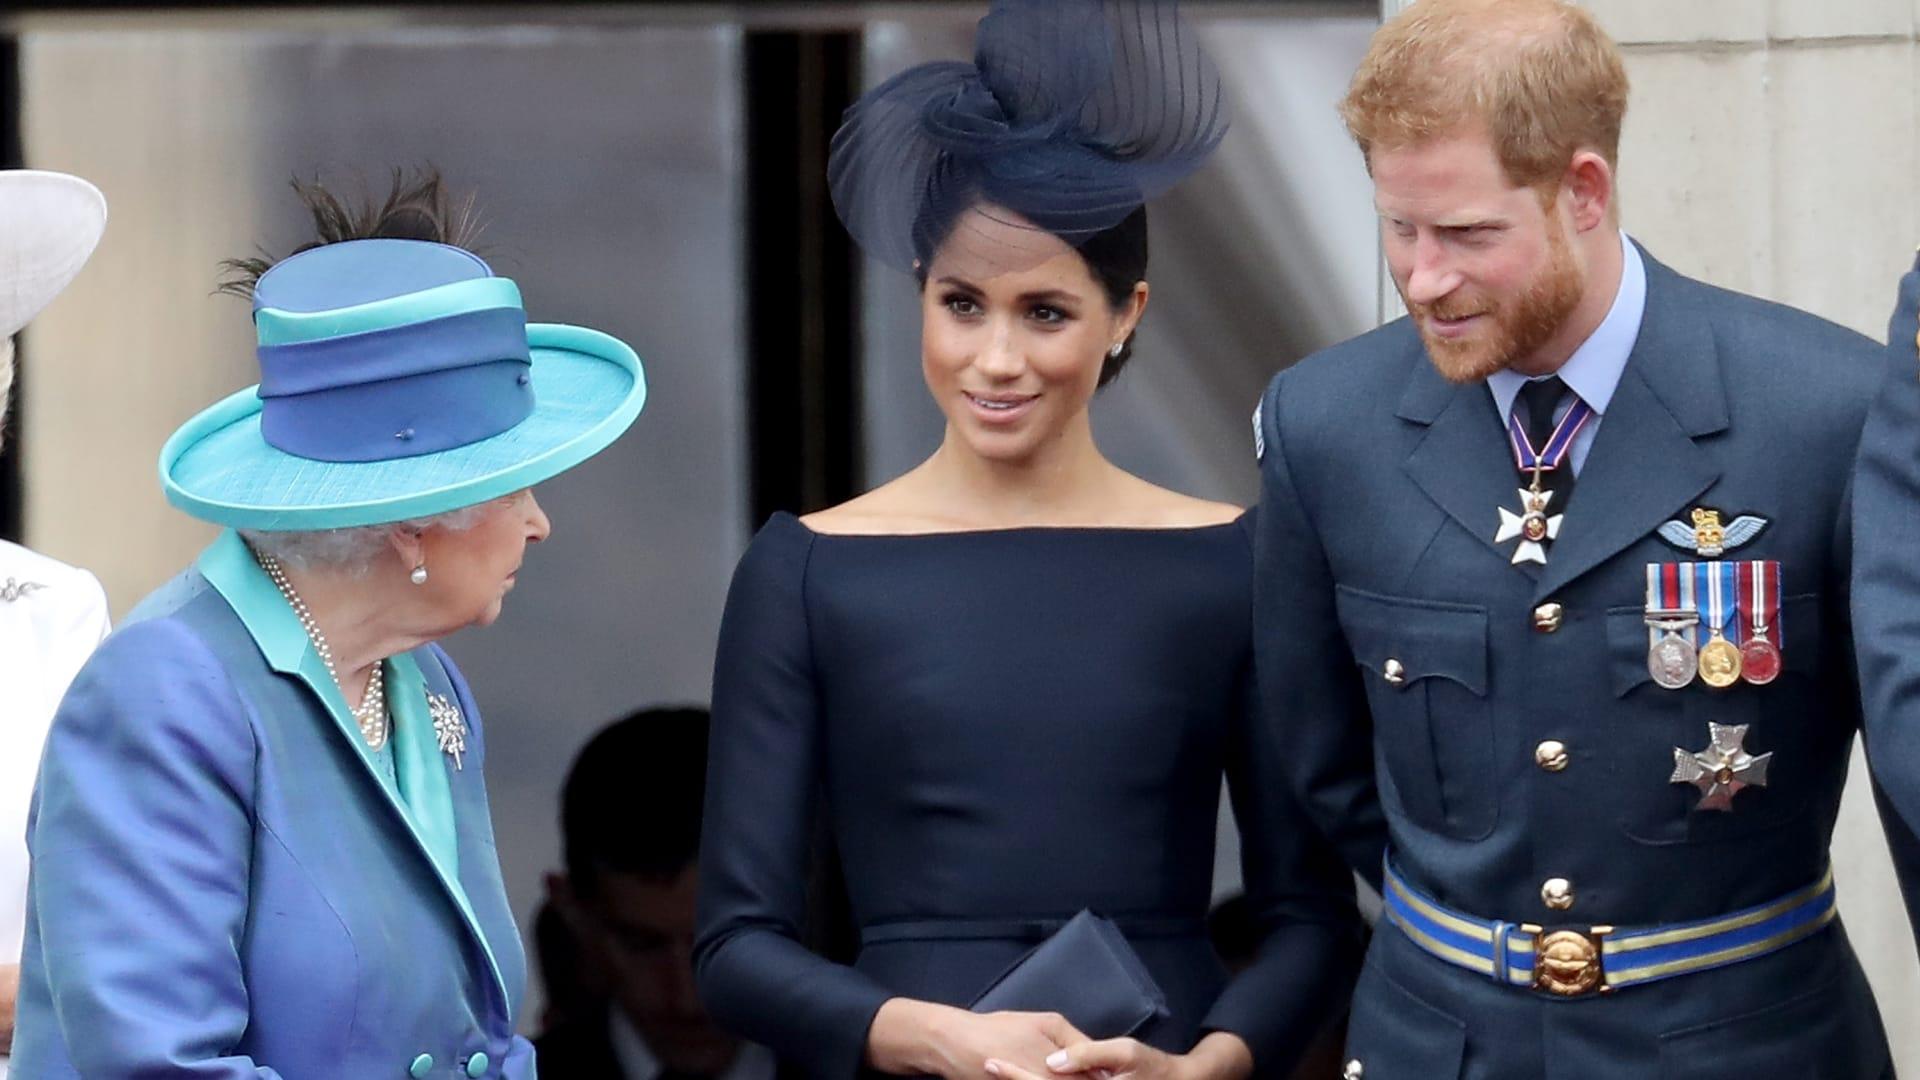 صورة أرشيفية للملكة مع هاري وميغان في شرفة قصر باكنغهام عام 2018